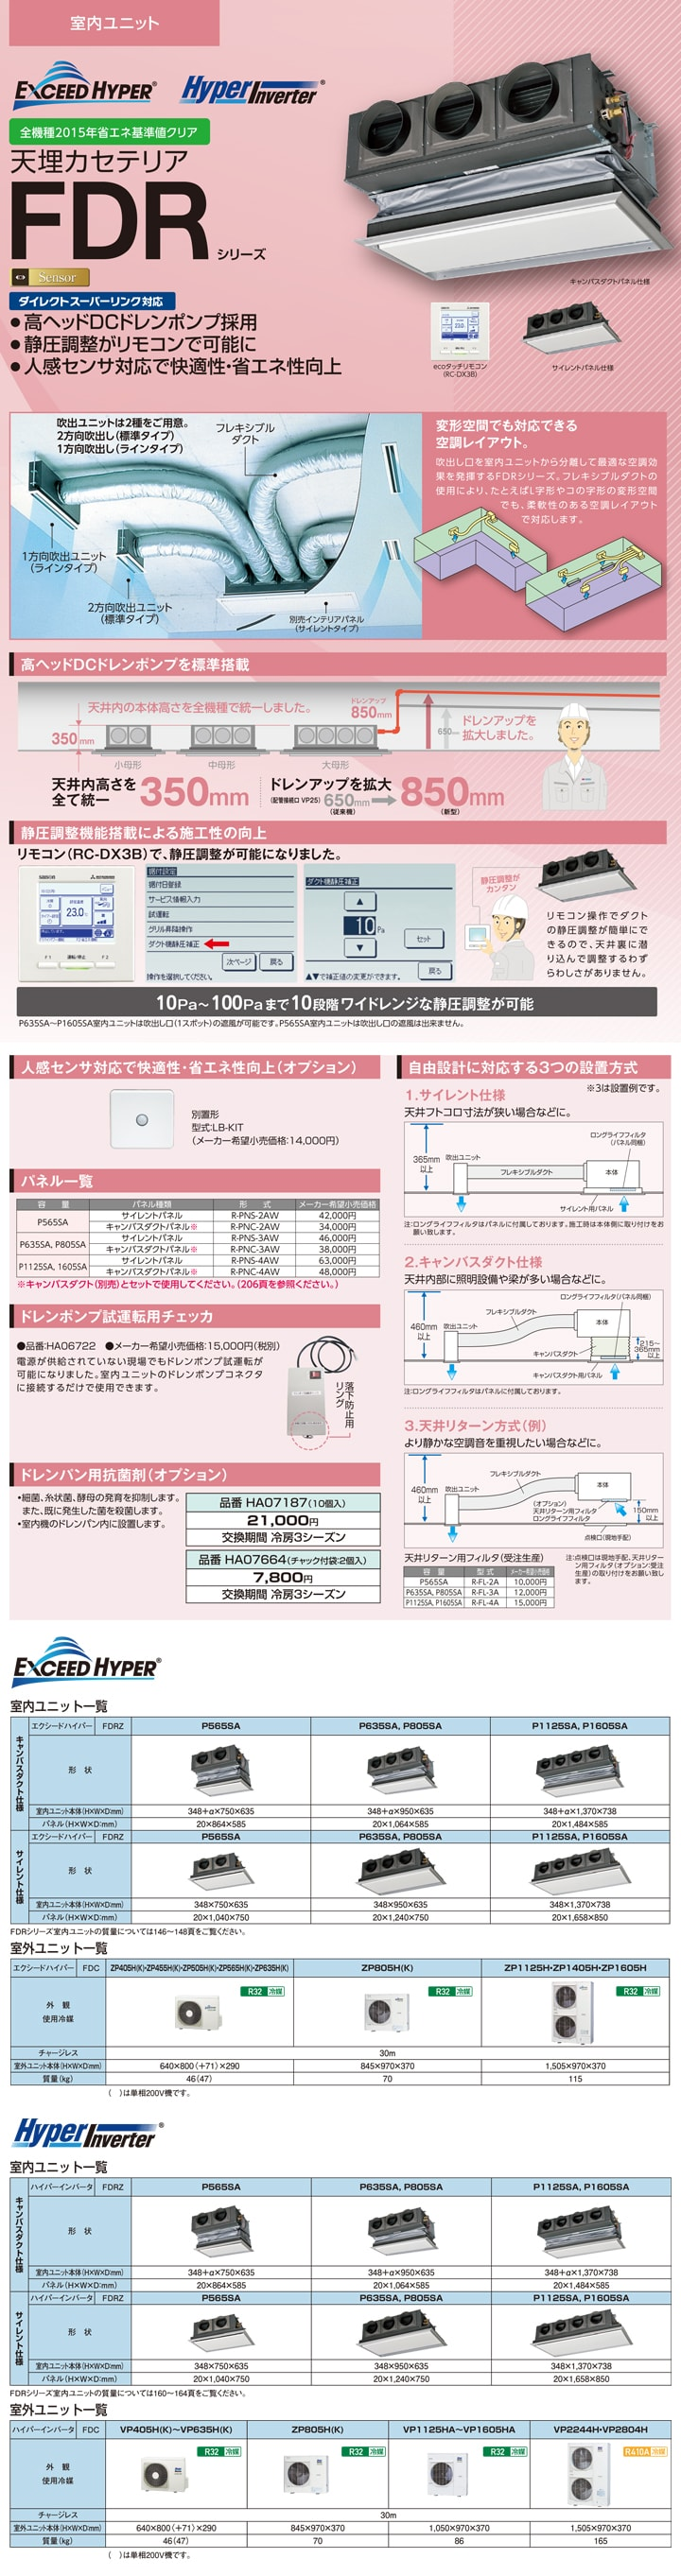 三菱重工 FDRZ1605H5SA-canvas 業務用エアコン